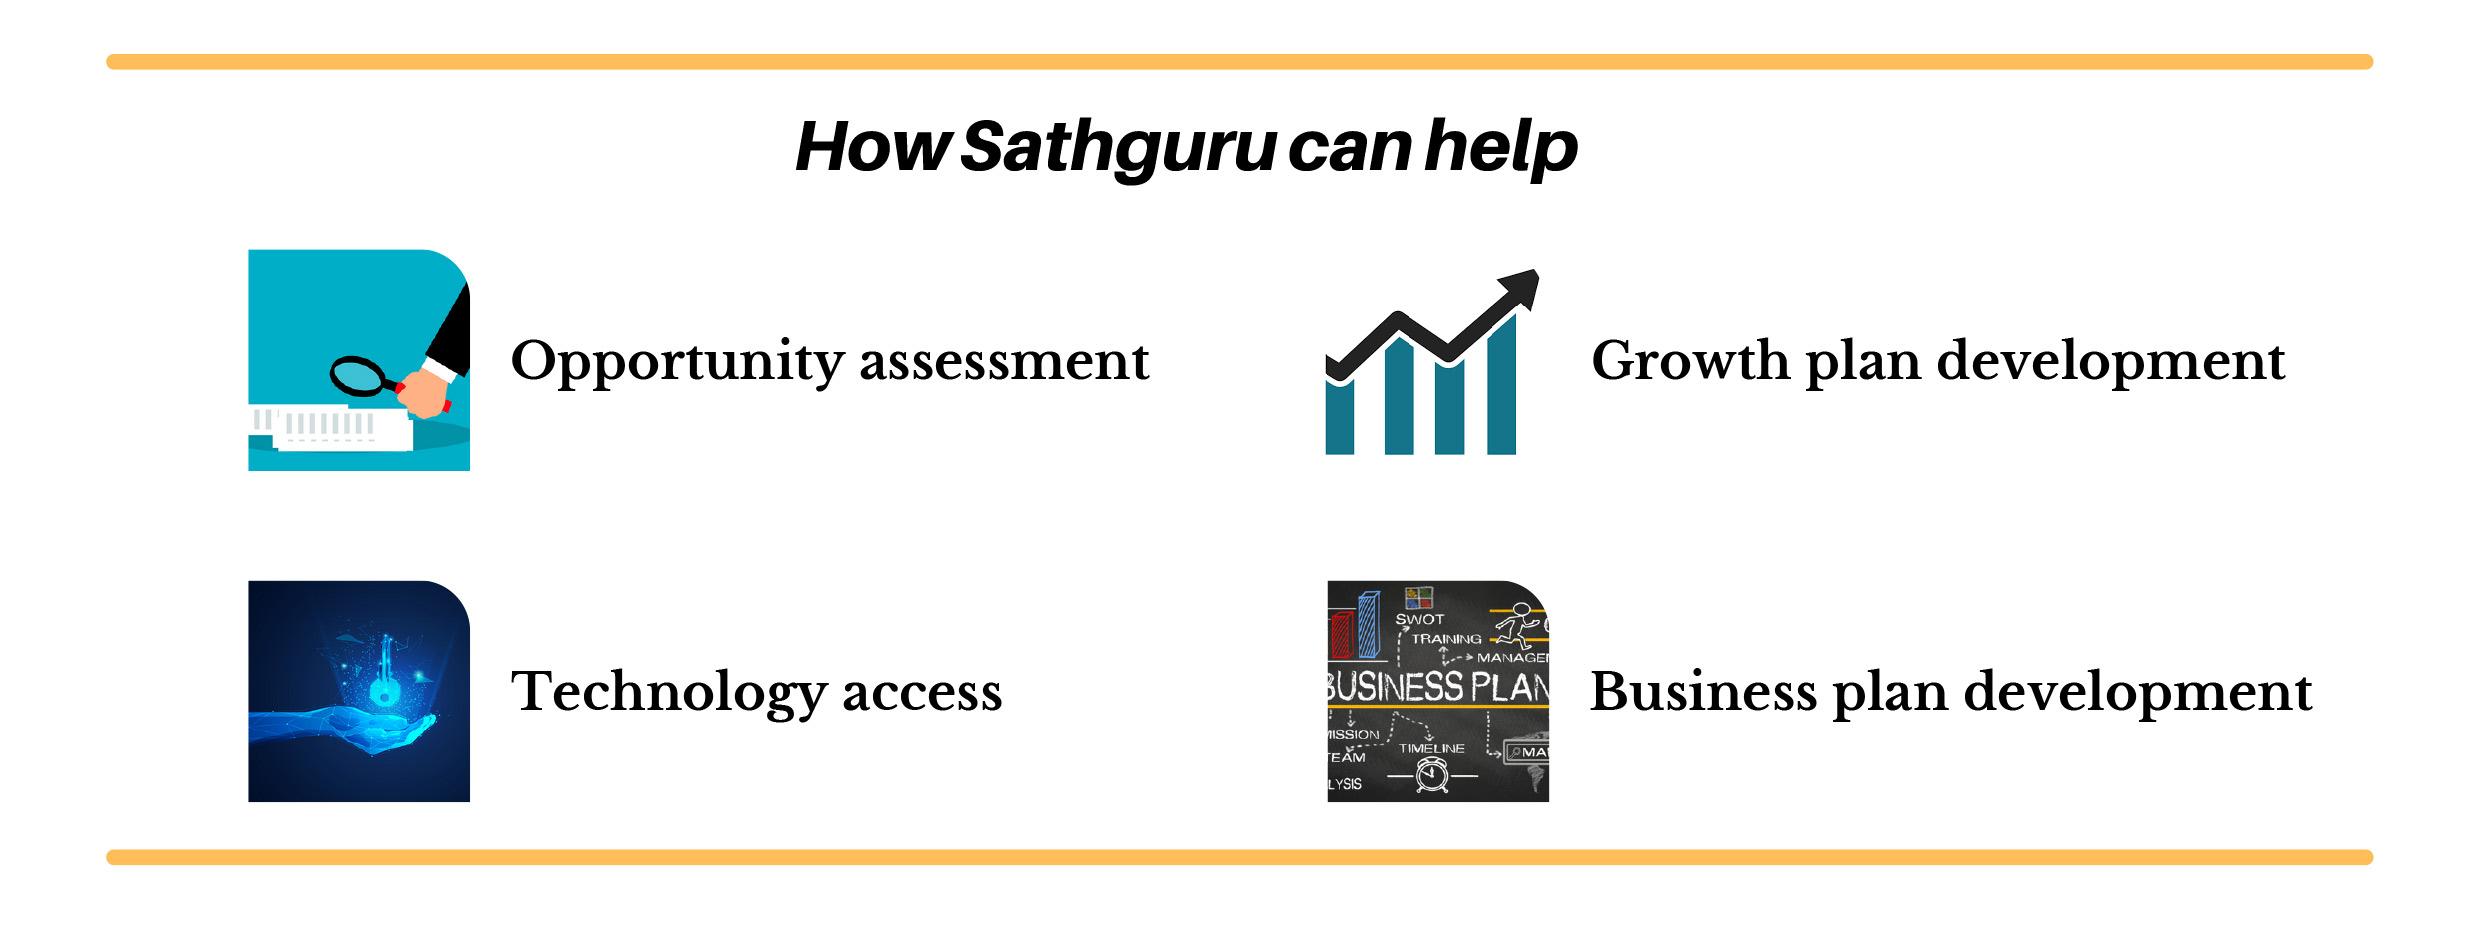 how-sathguru-can-help